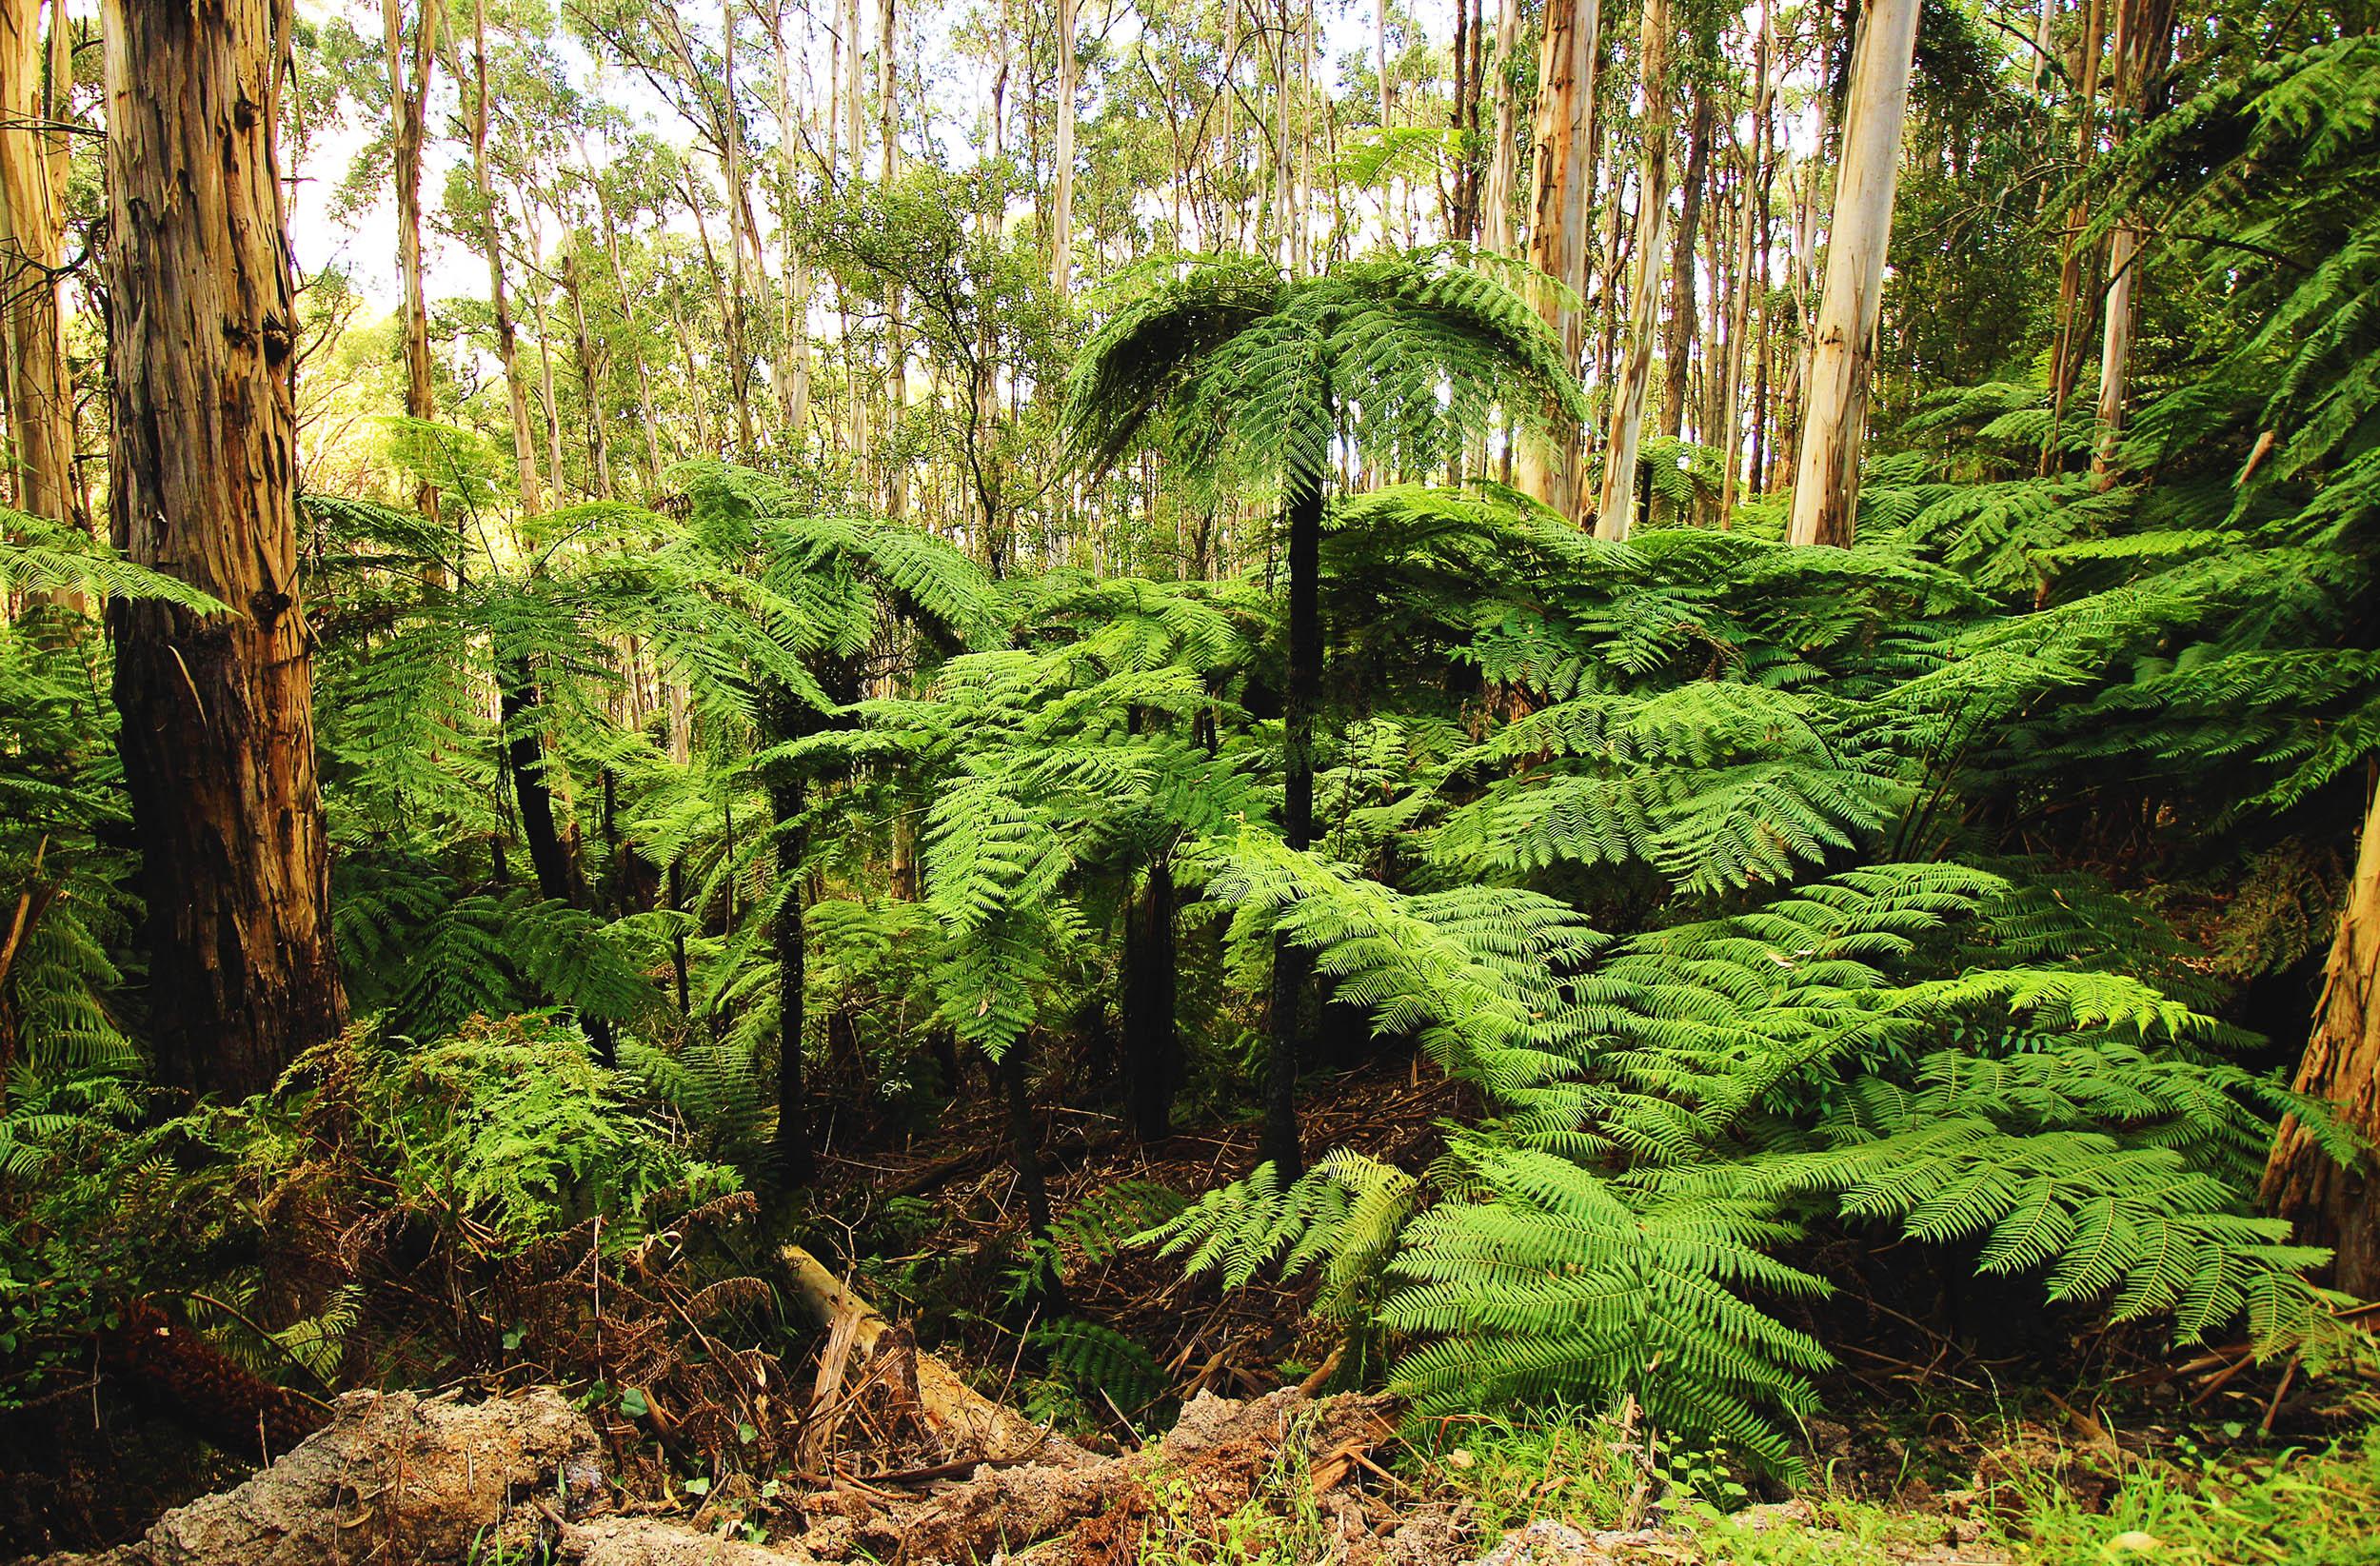 Sphaeropteris cooperi - Australian tree fern